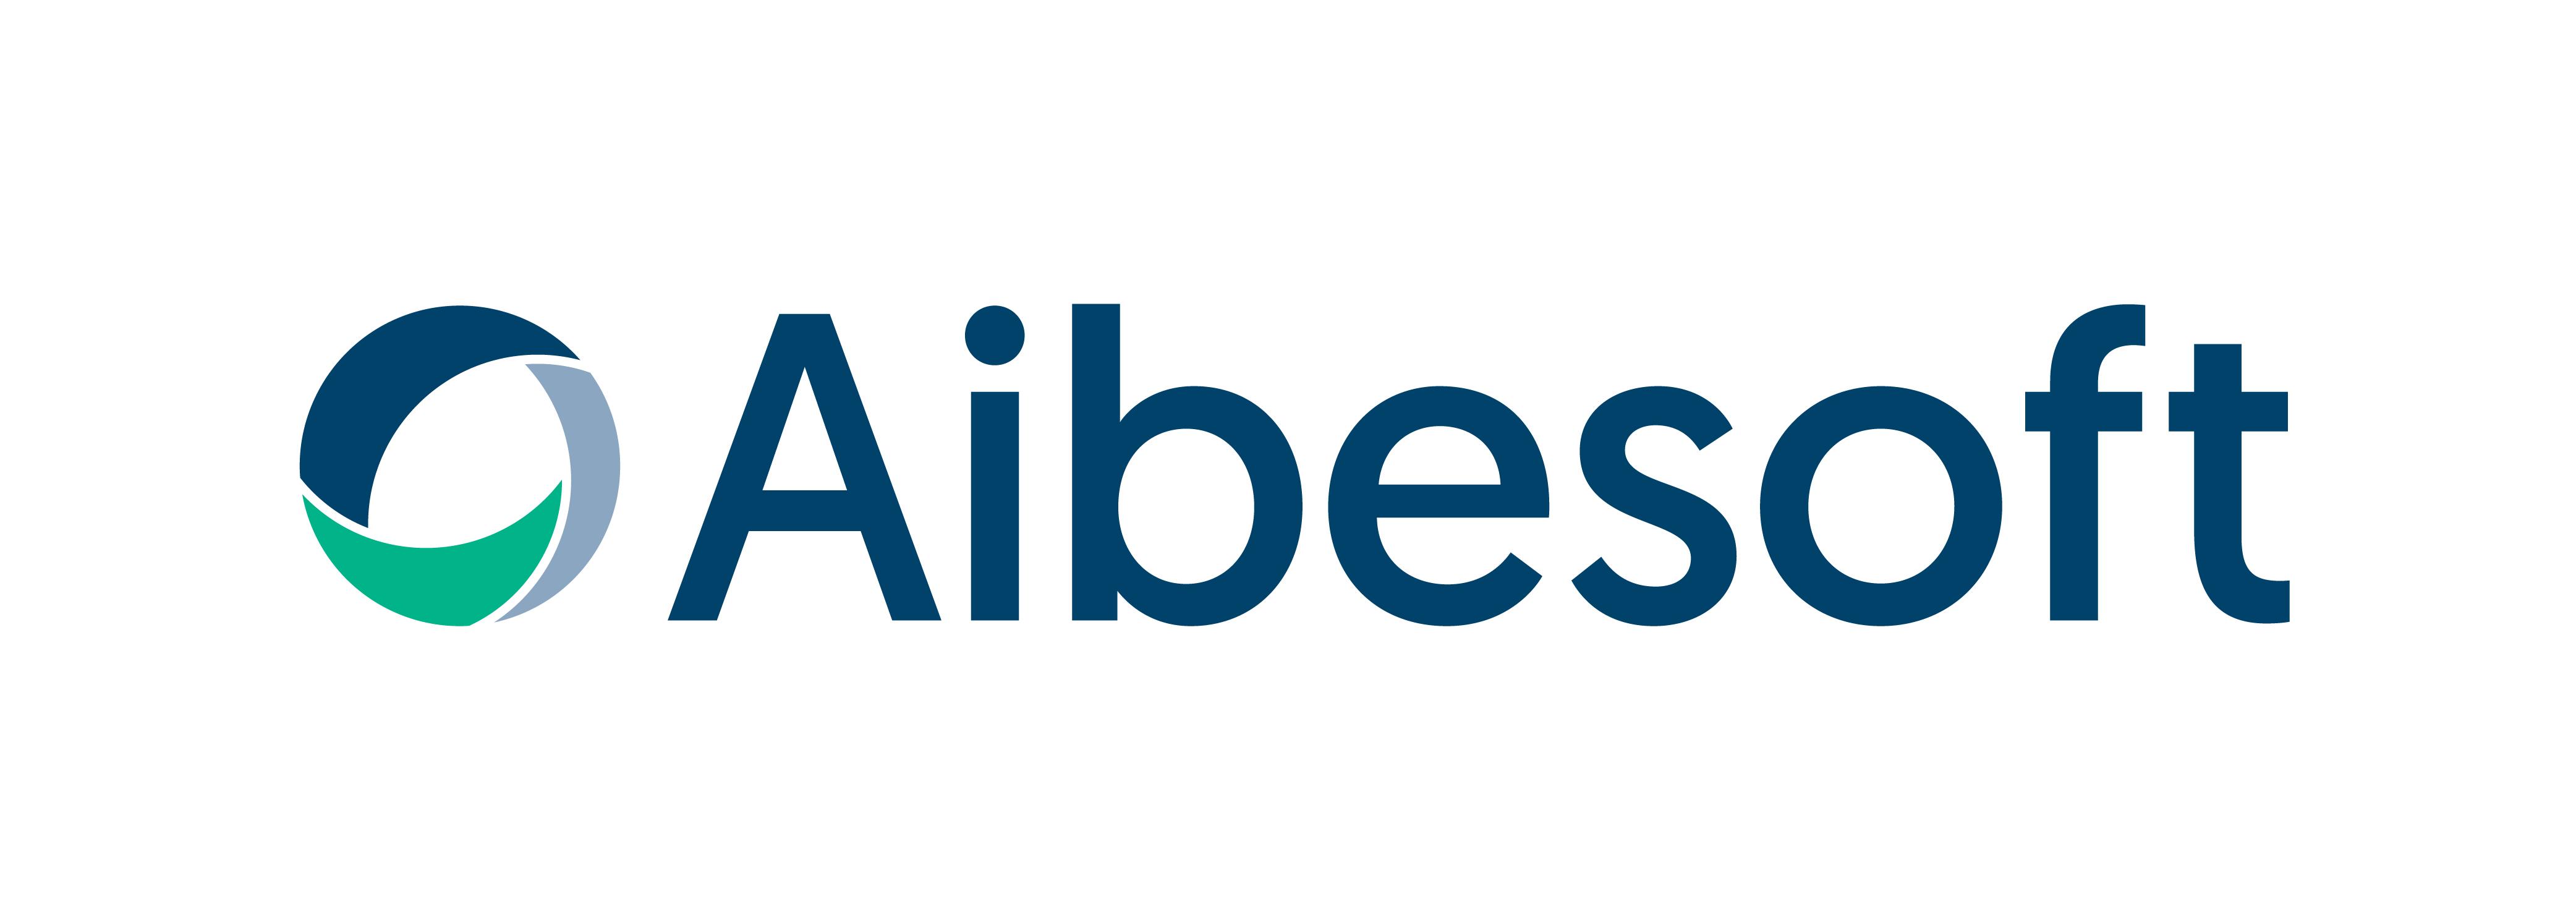 http://www.aibeconsultores.com/wp-content/uploads/2020/07/Logo-Aibesoft-RGB-Horizontal-Fondo-Blanco.jpg